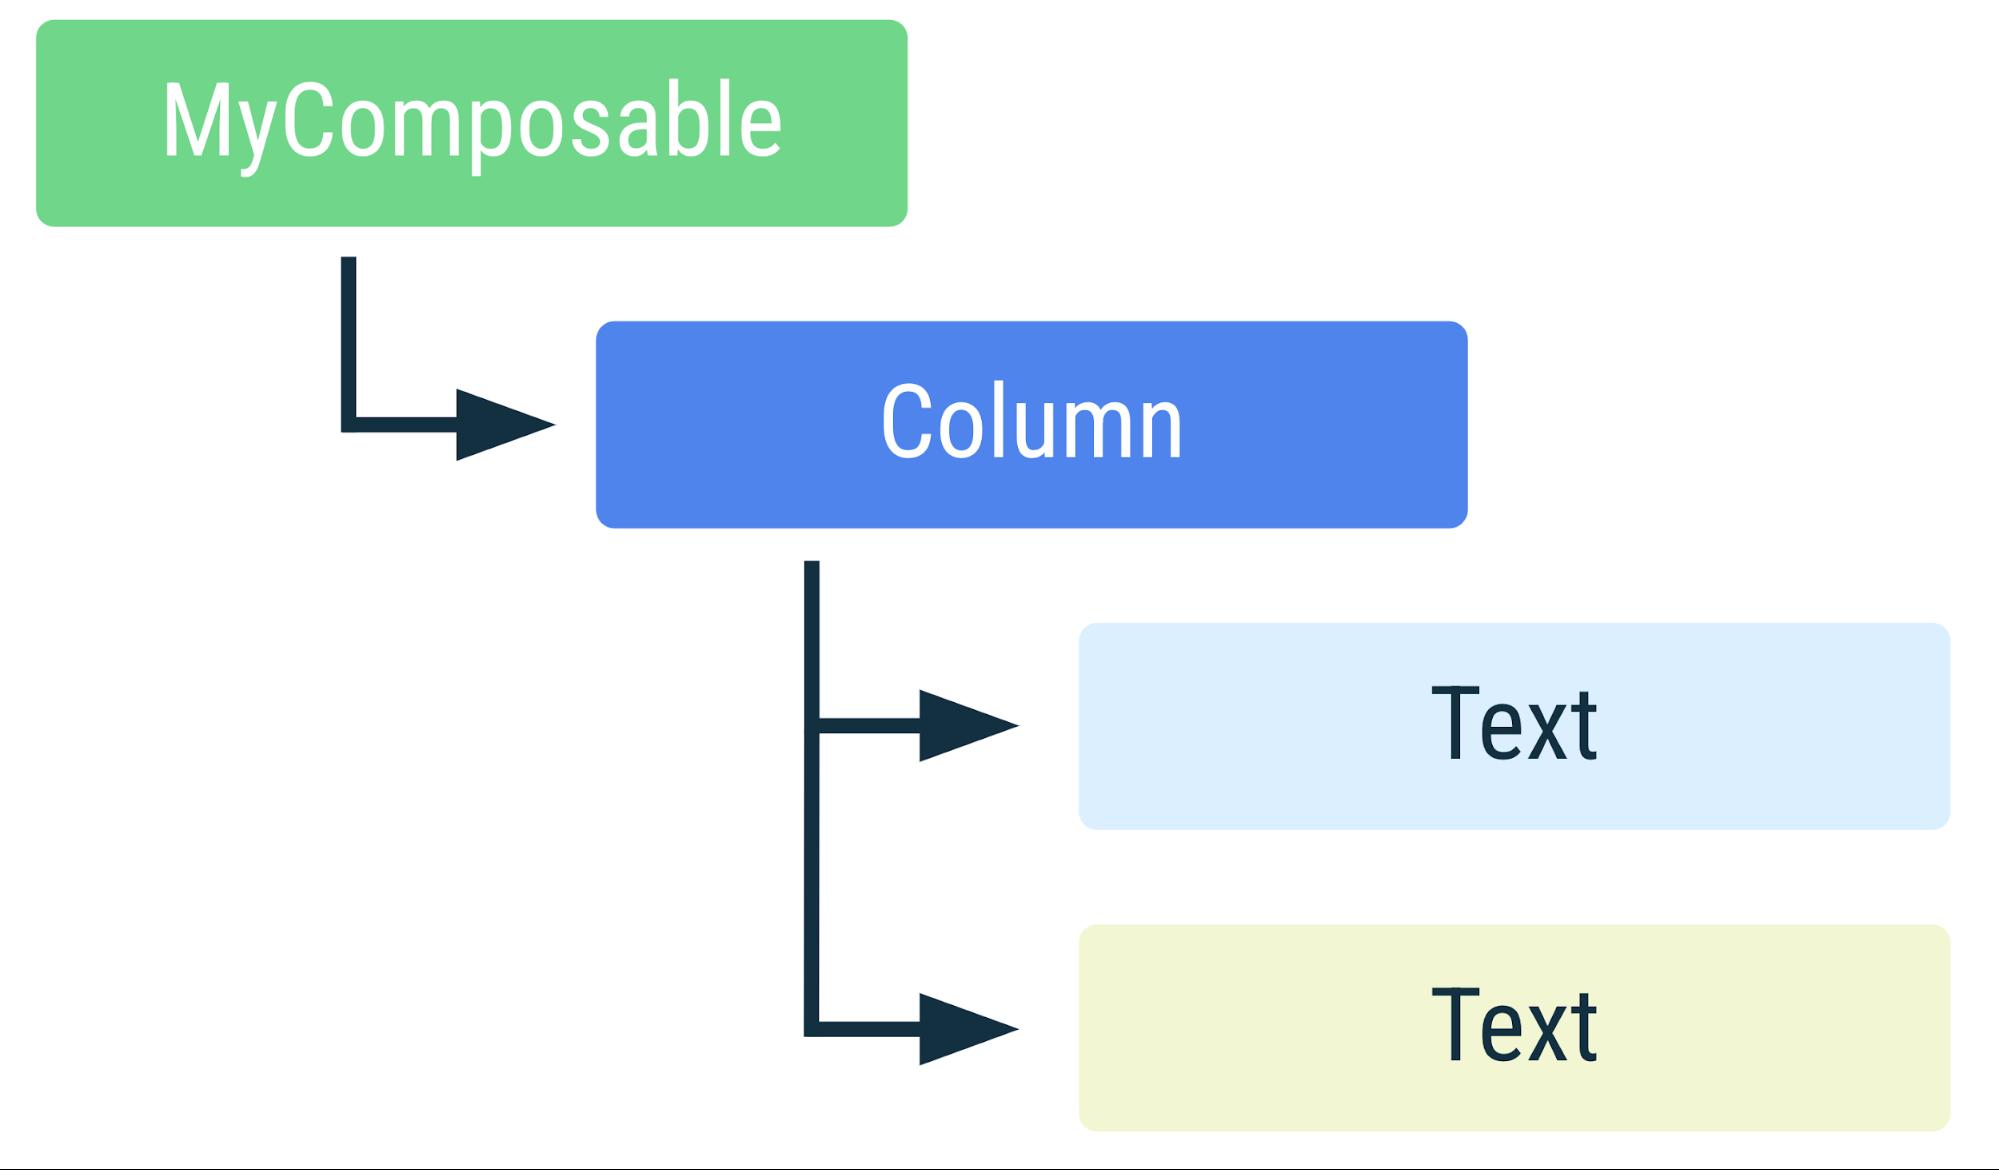 展示上一个代码段中元素的分层排列的示意图